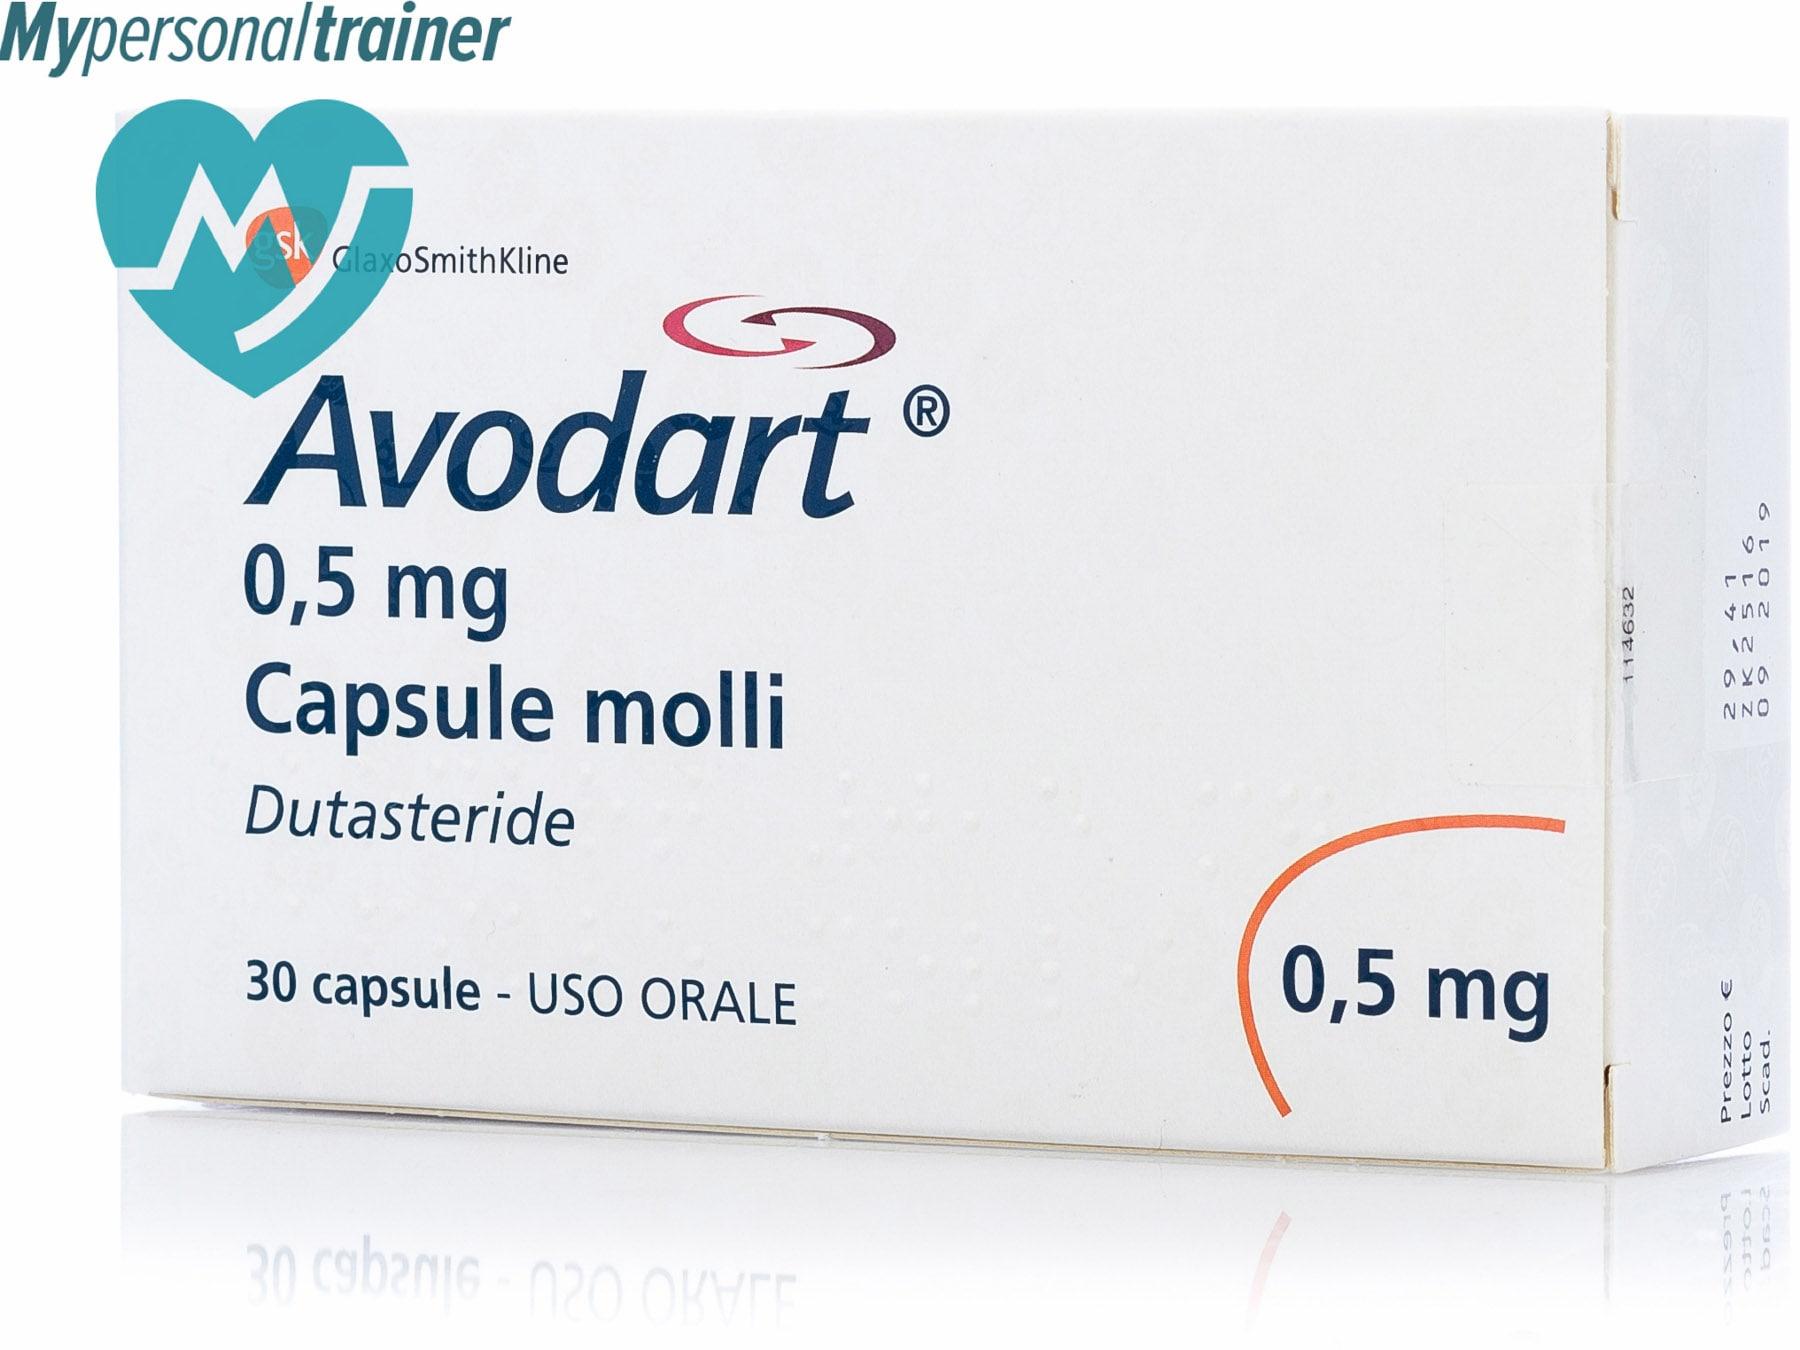 la pastiglia della prostata quando va presa de